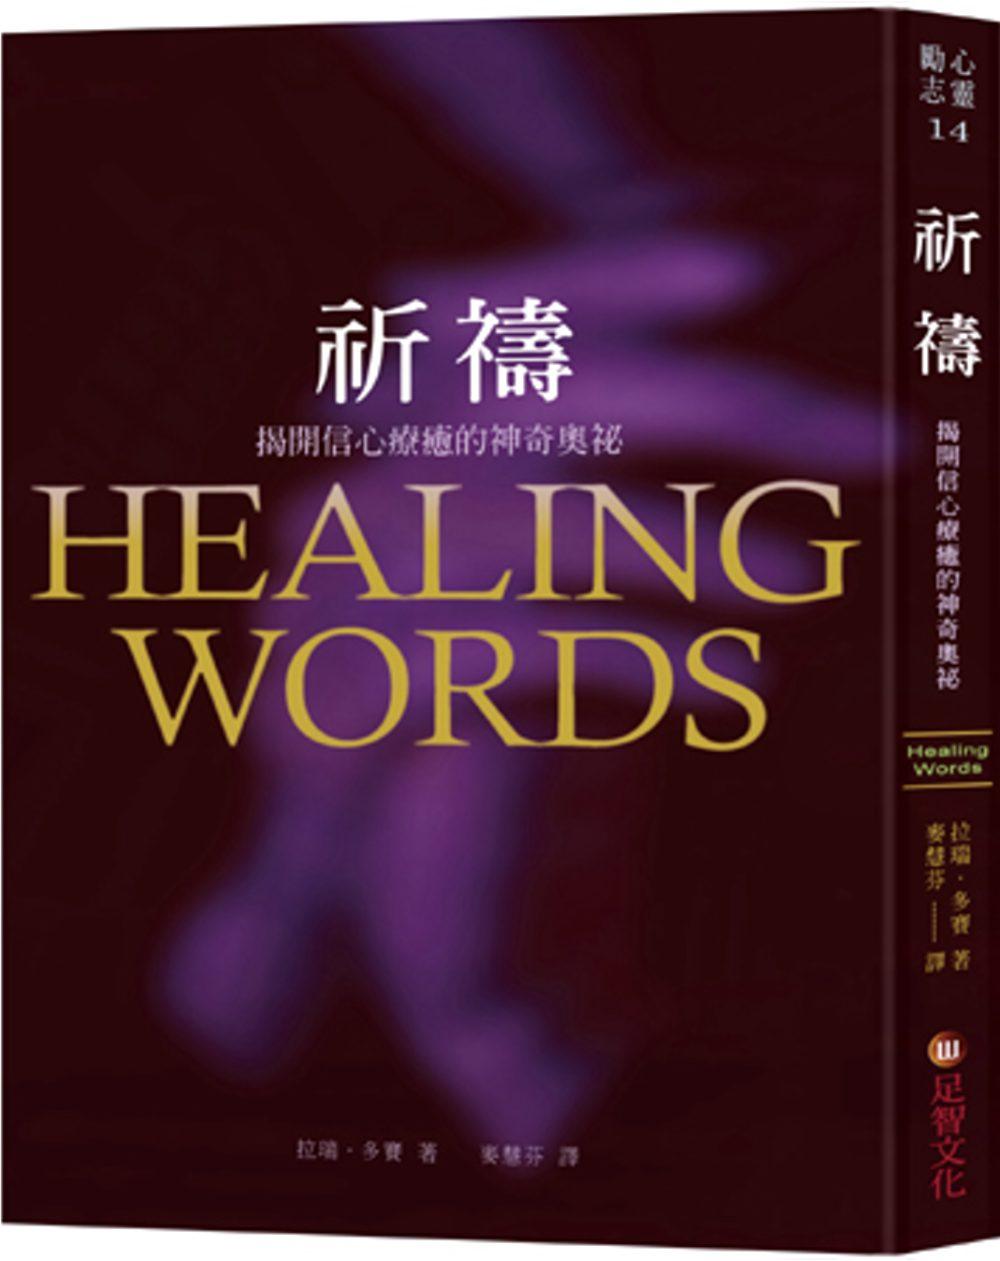 祈禱:揭開信心療癒的神奇奧祕